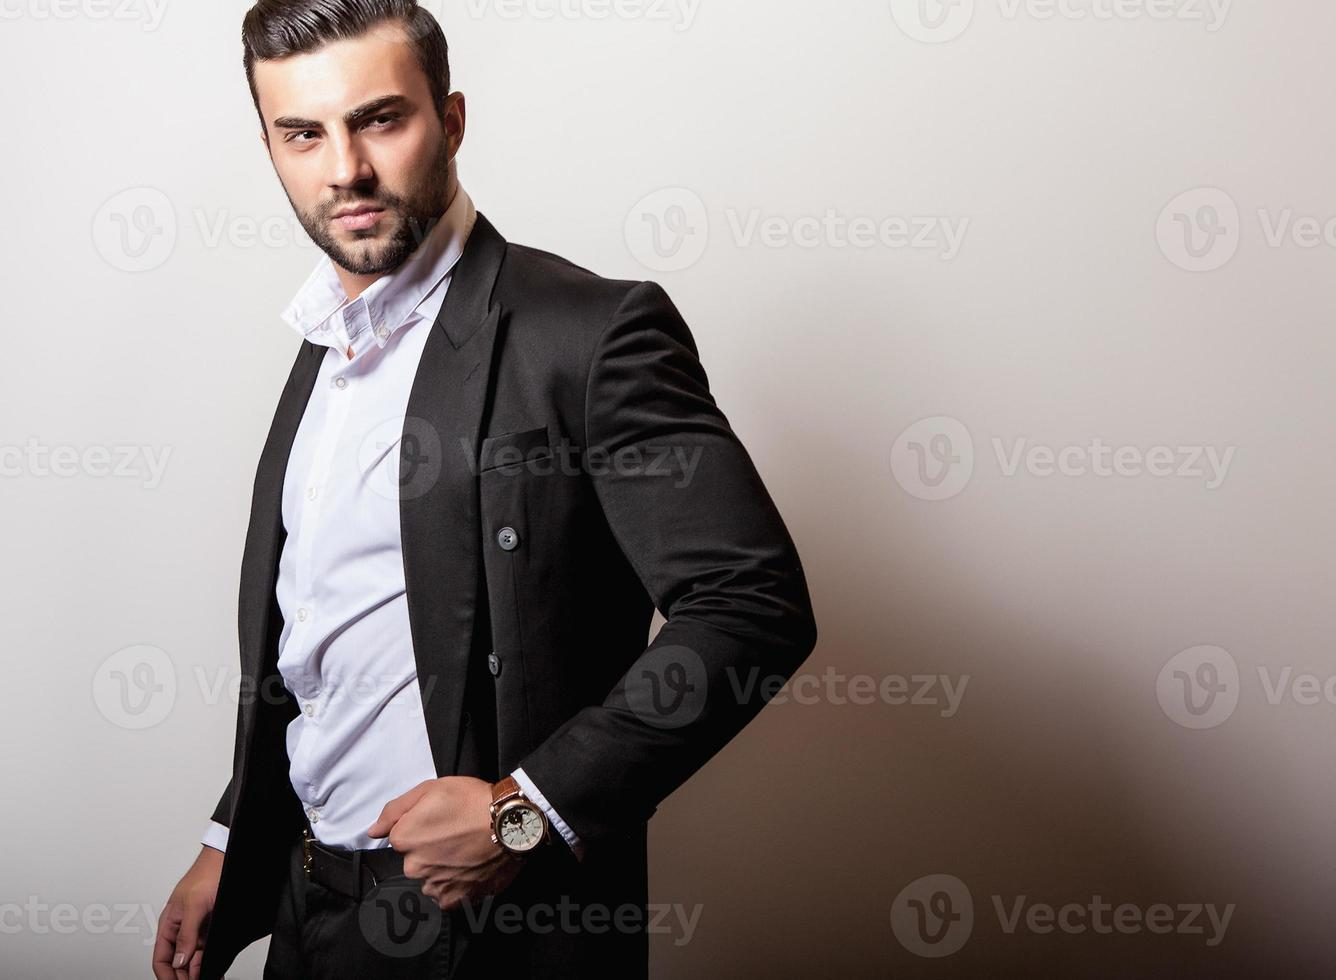 elegante joven apuesto en traje clásico negro. foto